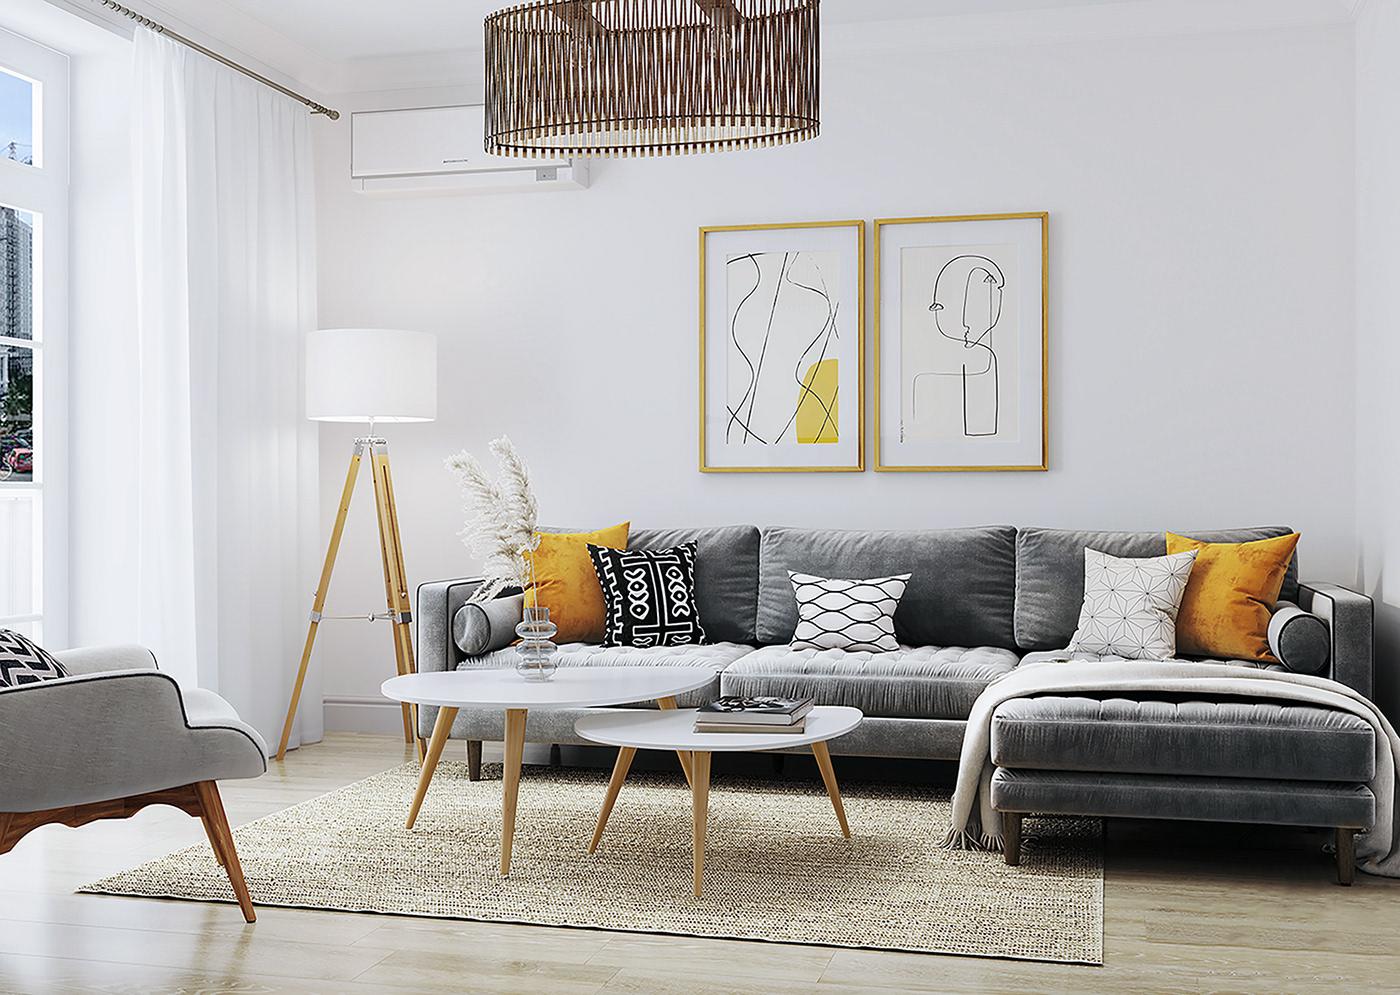 Căn hộ 76m² được kiến trúc sư tư vấn thiết kế theo phong cách Scandinavian chi phí 160 triệu - Ảnh 3.